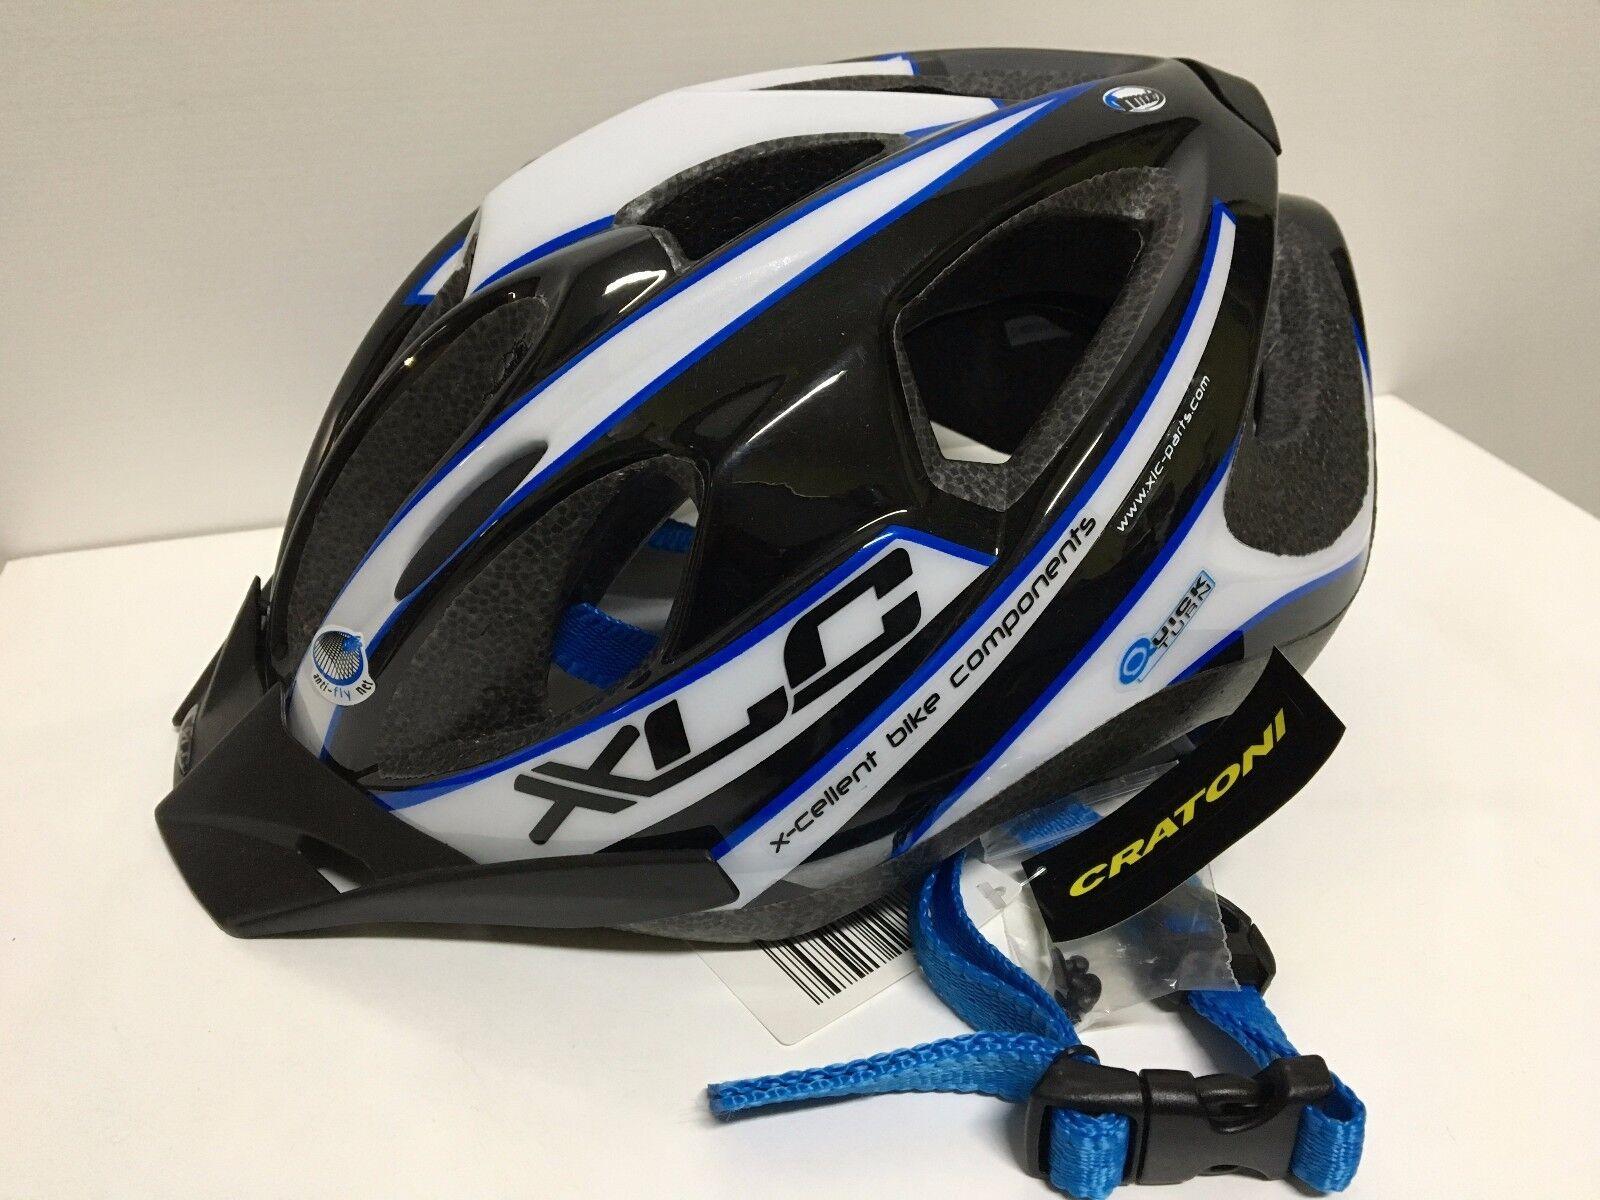 Helm Fahrrad MTB XLC by ATALA SPORT GelbSTONE Schwarz-Weiss Blau